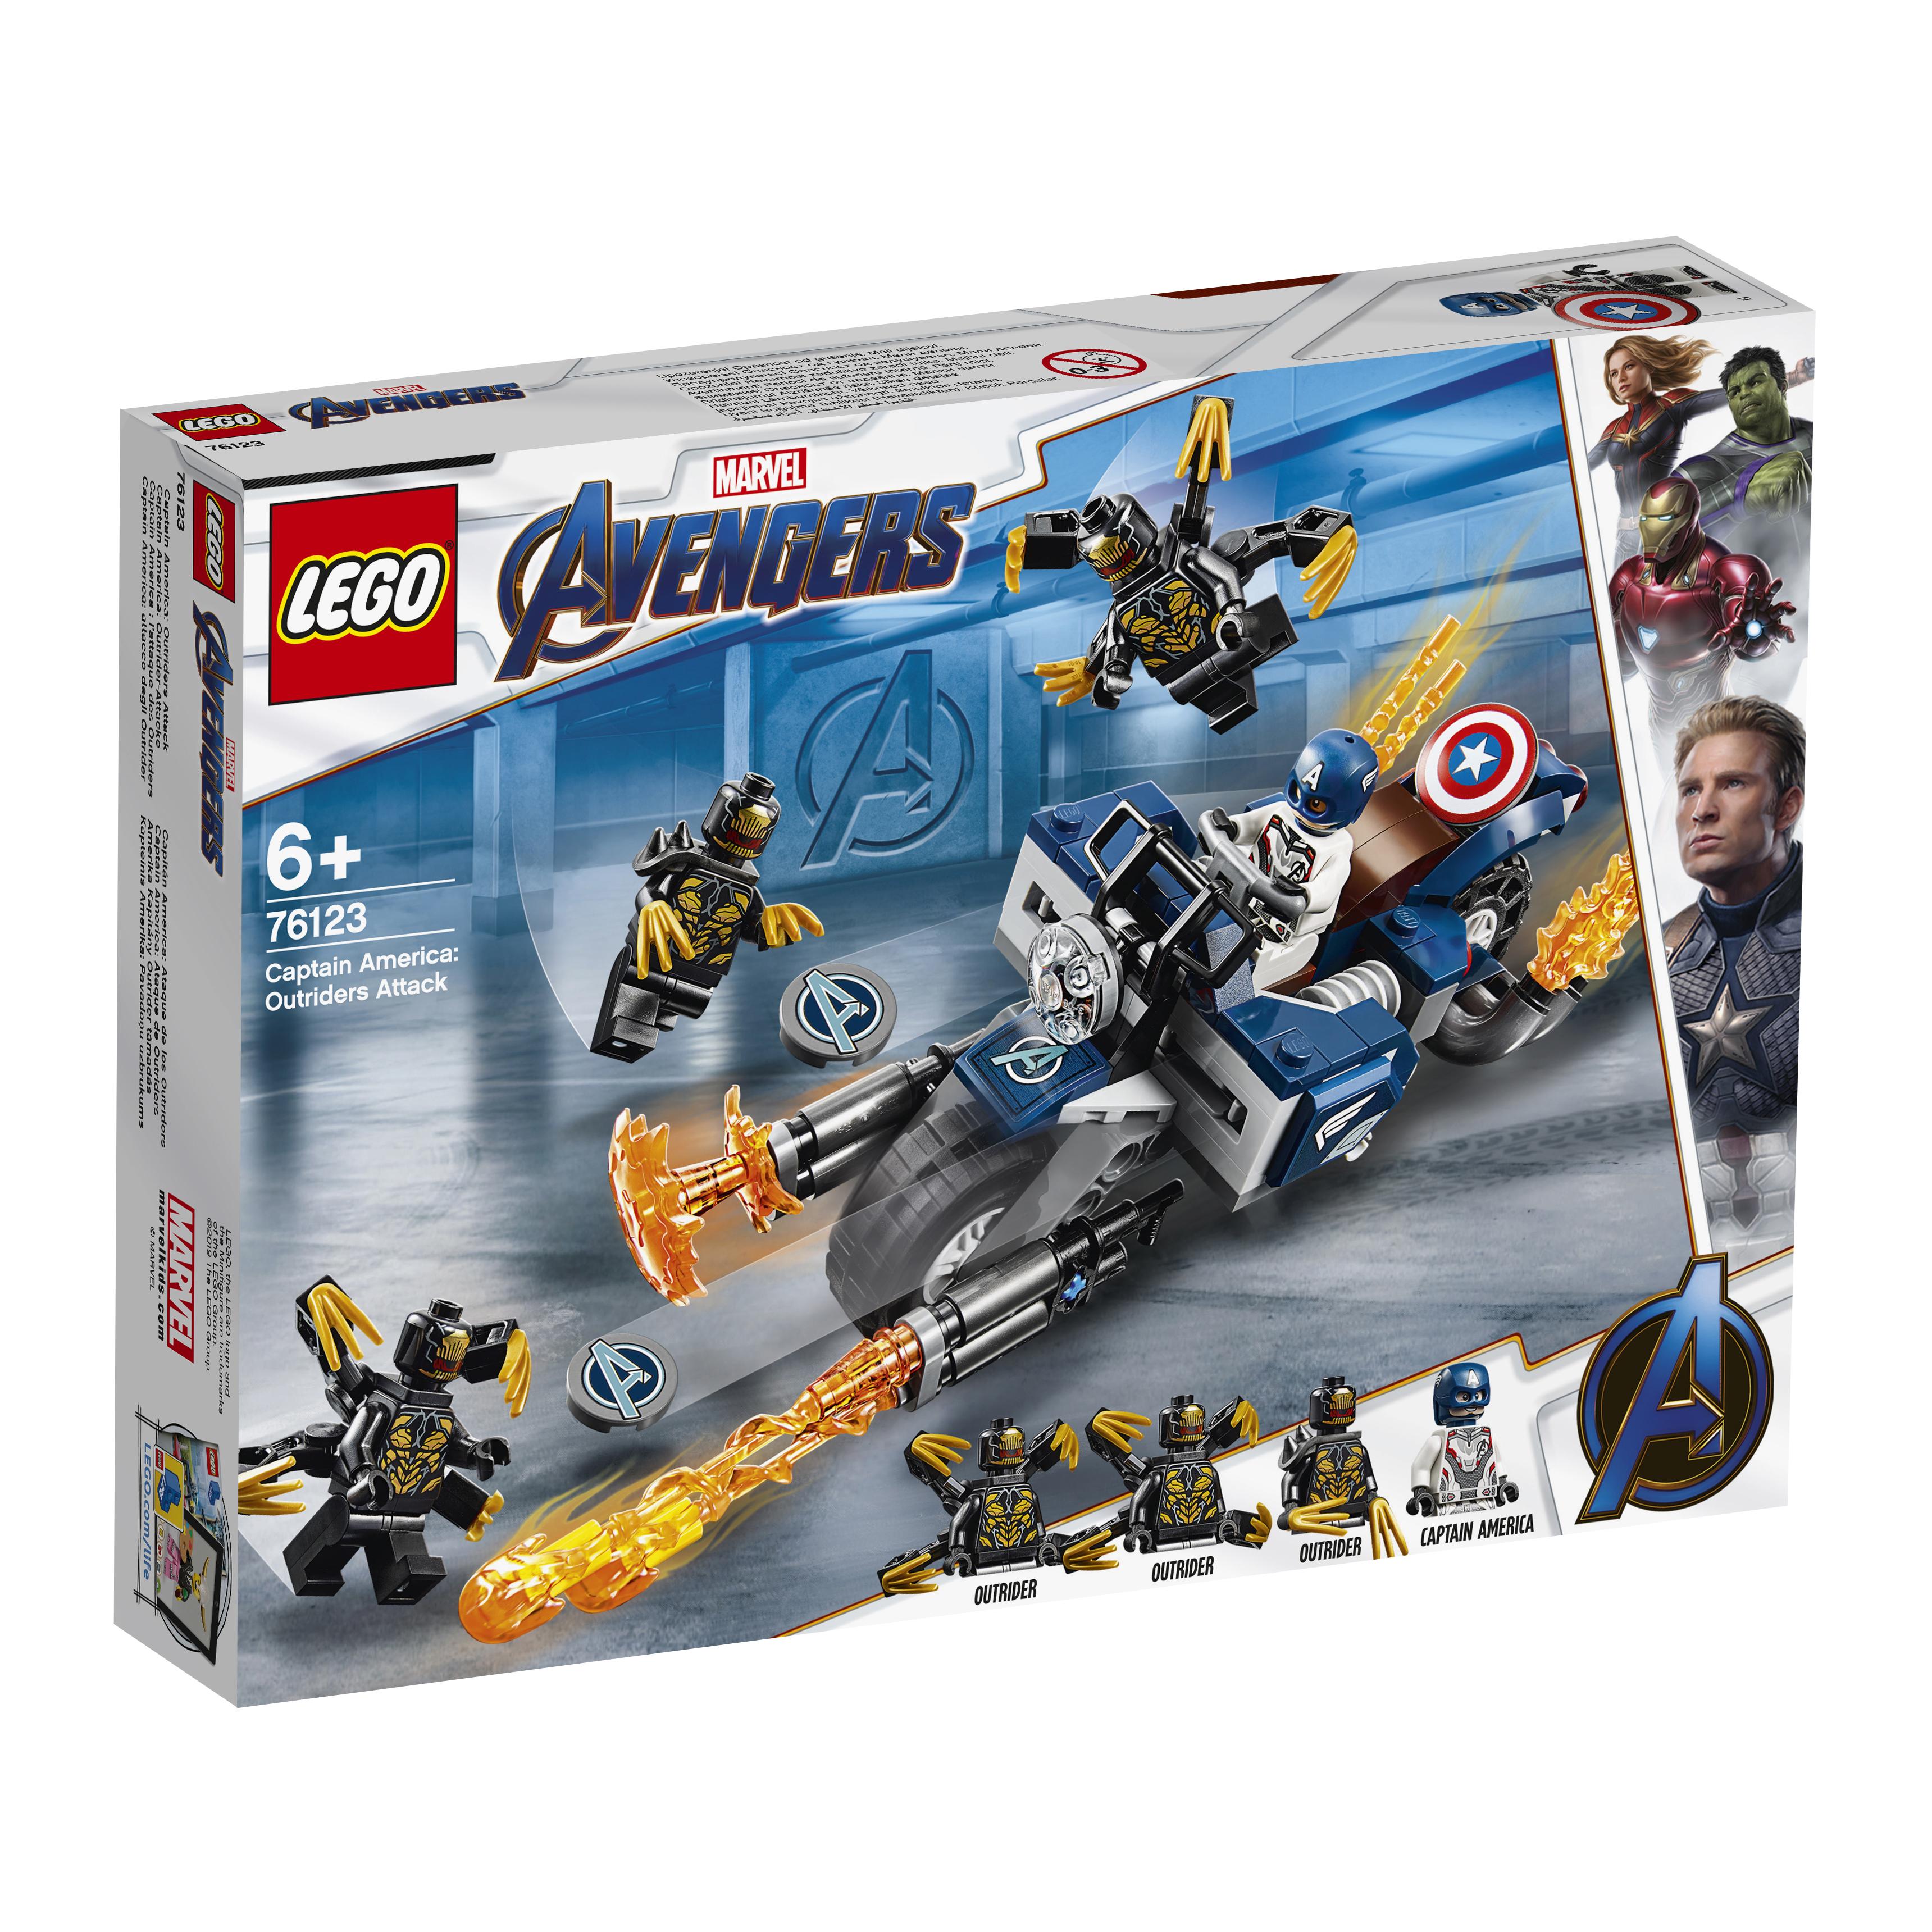 Конструктор LEGO Super Heroes 76123 Капитан Америка: Атака Аутрайдеров lego конструктор супергерои воздушная погоня капитана америки